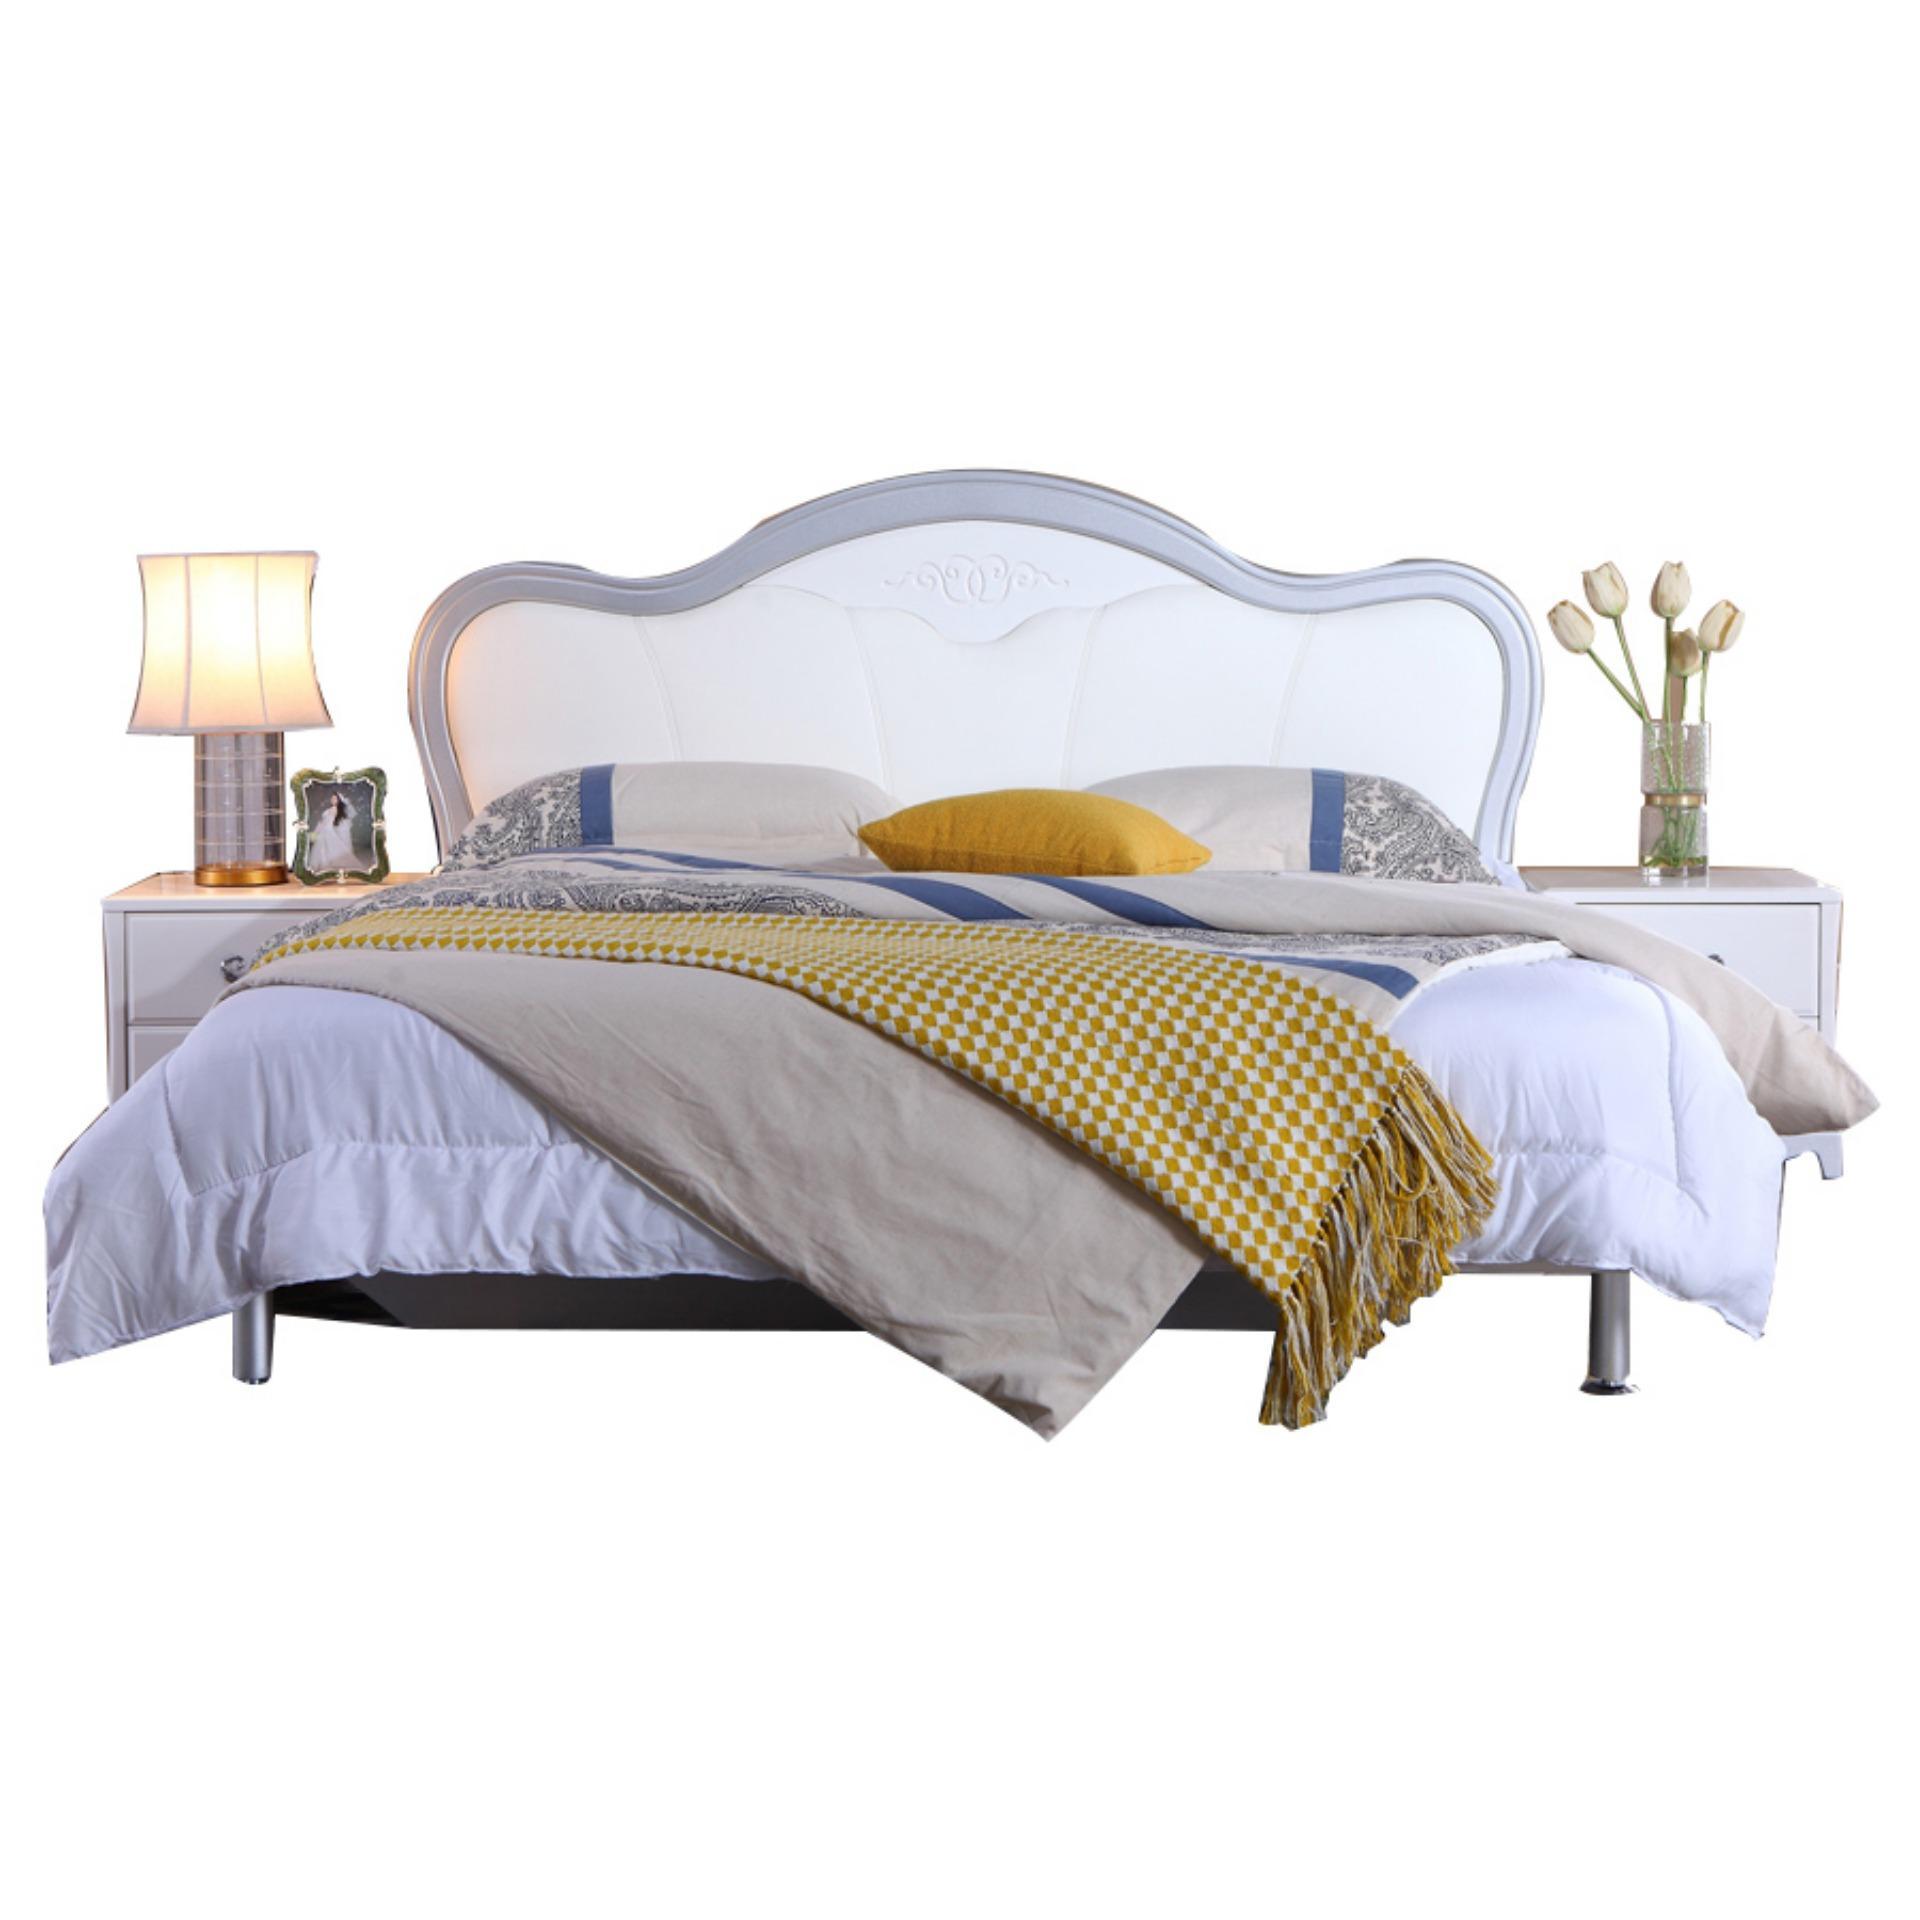 Giường phòng ngủ Nội Thất Xanh Nhập Khẩu QU G72631-1 (1m8)